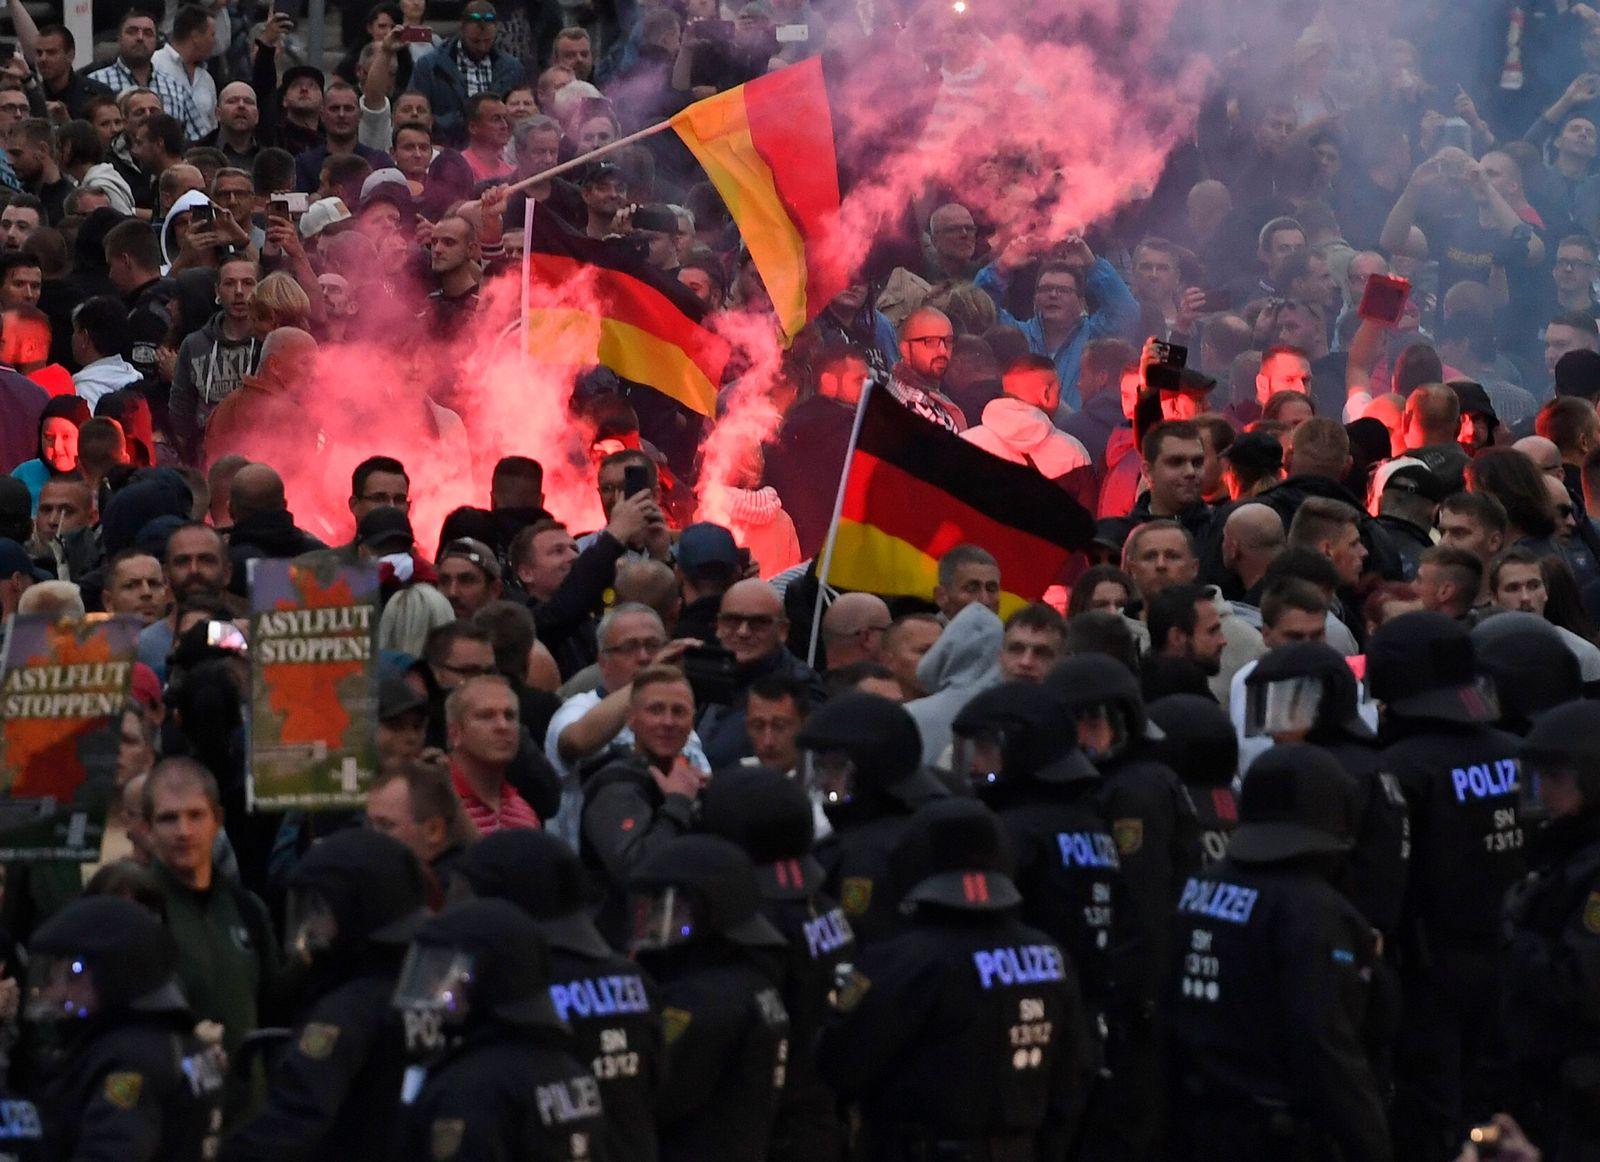 Revolution Chemnitz